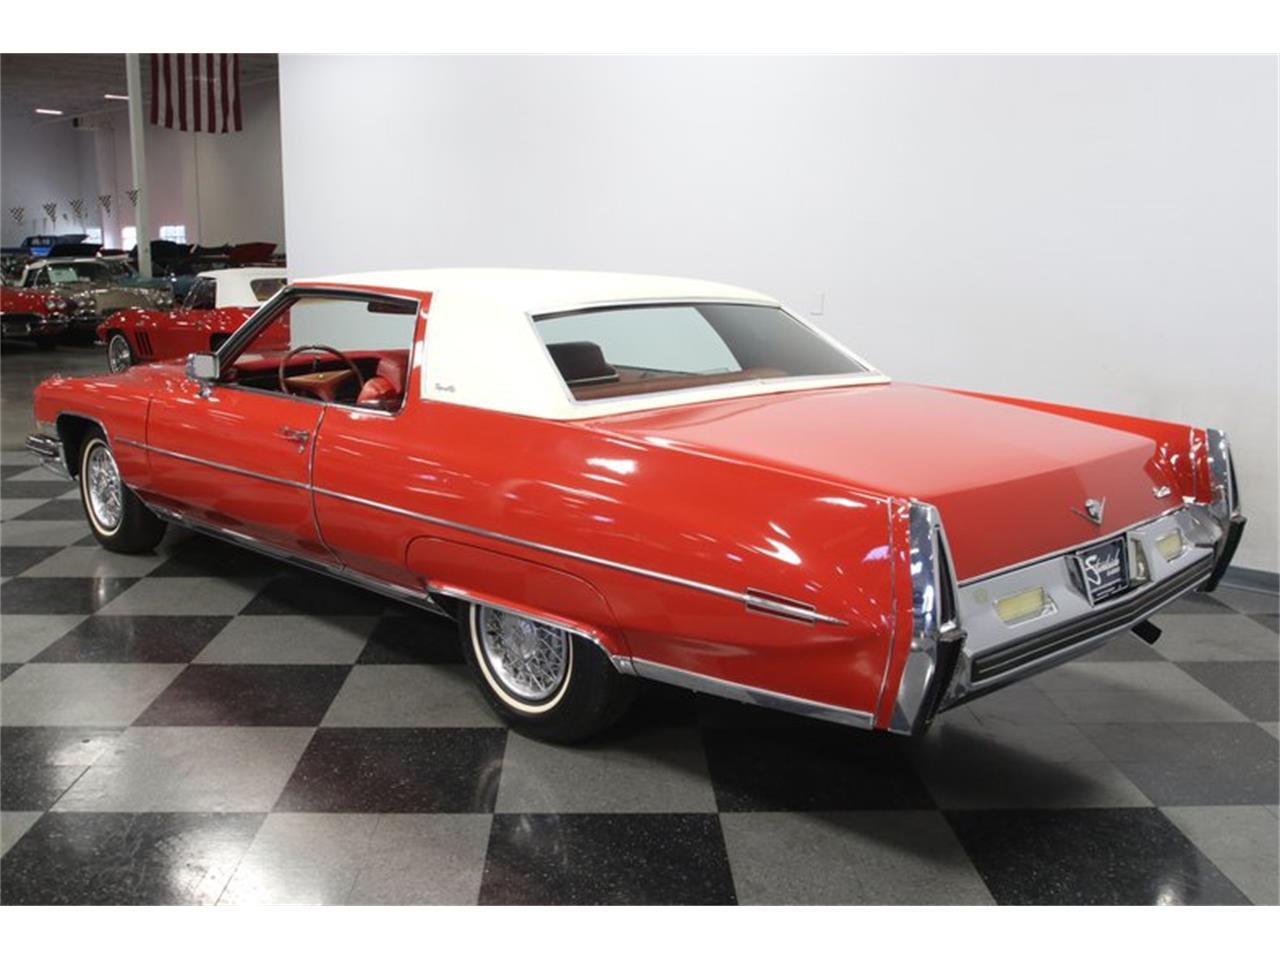 1973 Cadillac Coupe (CC-1321512) for sale in Concord, North Carolina